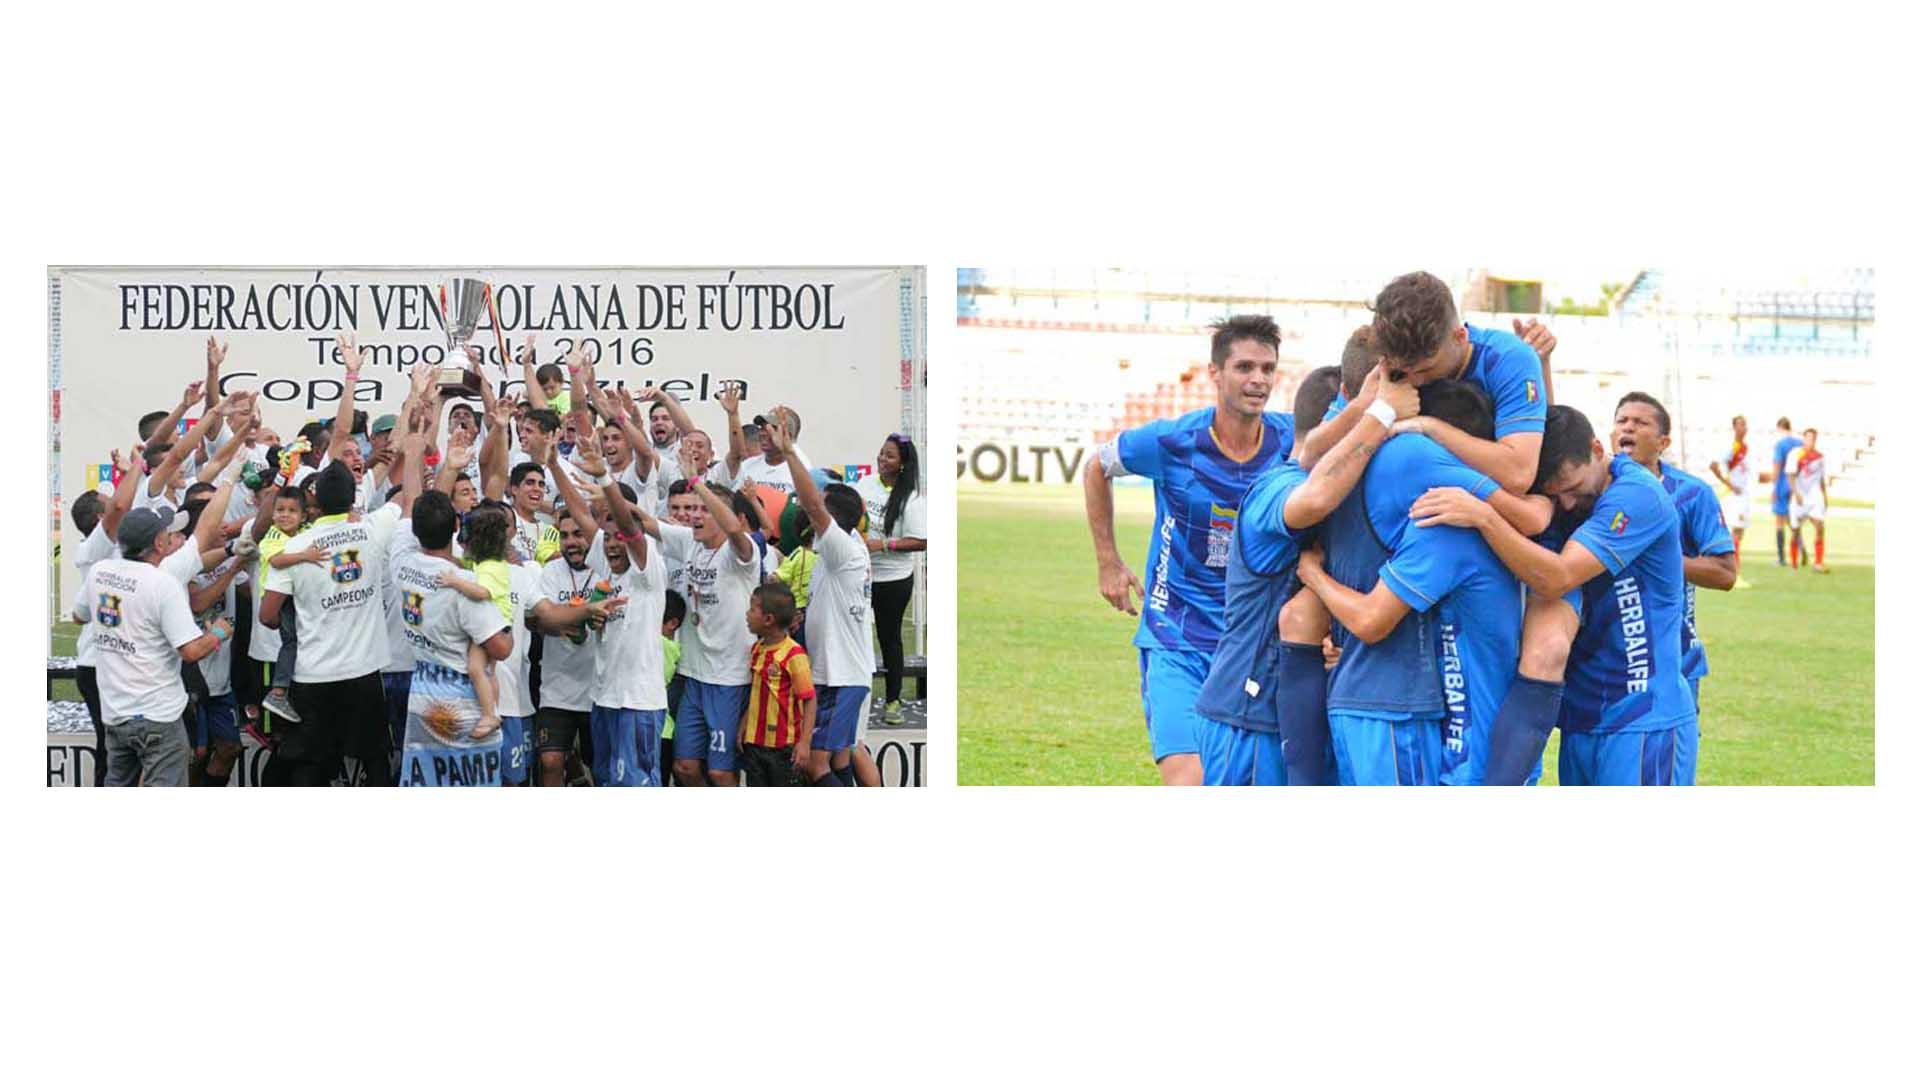 El equipo petrolero es el primero de la región en obtener un campeonato de Copa Venezuela desde su primer encuentro en 2005